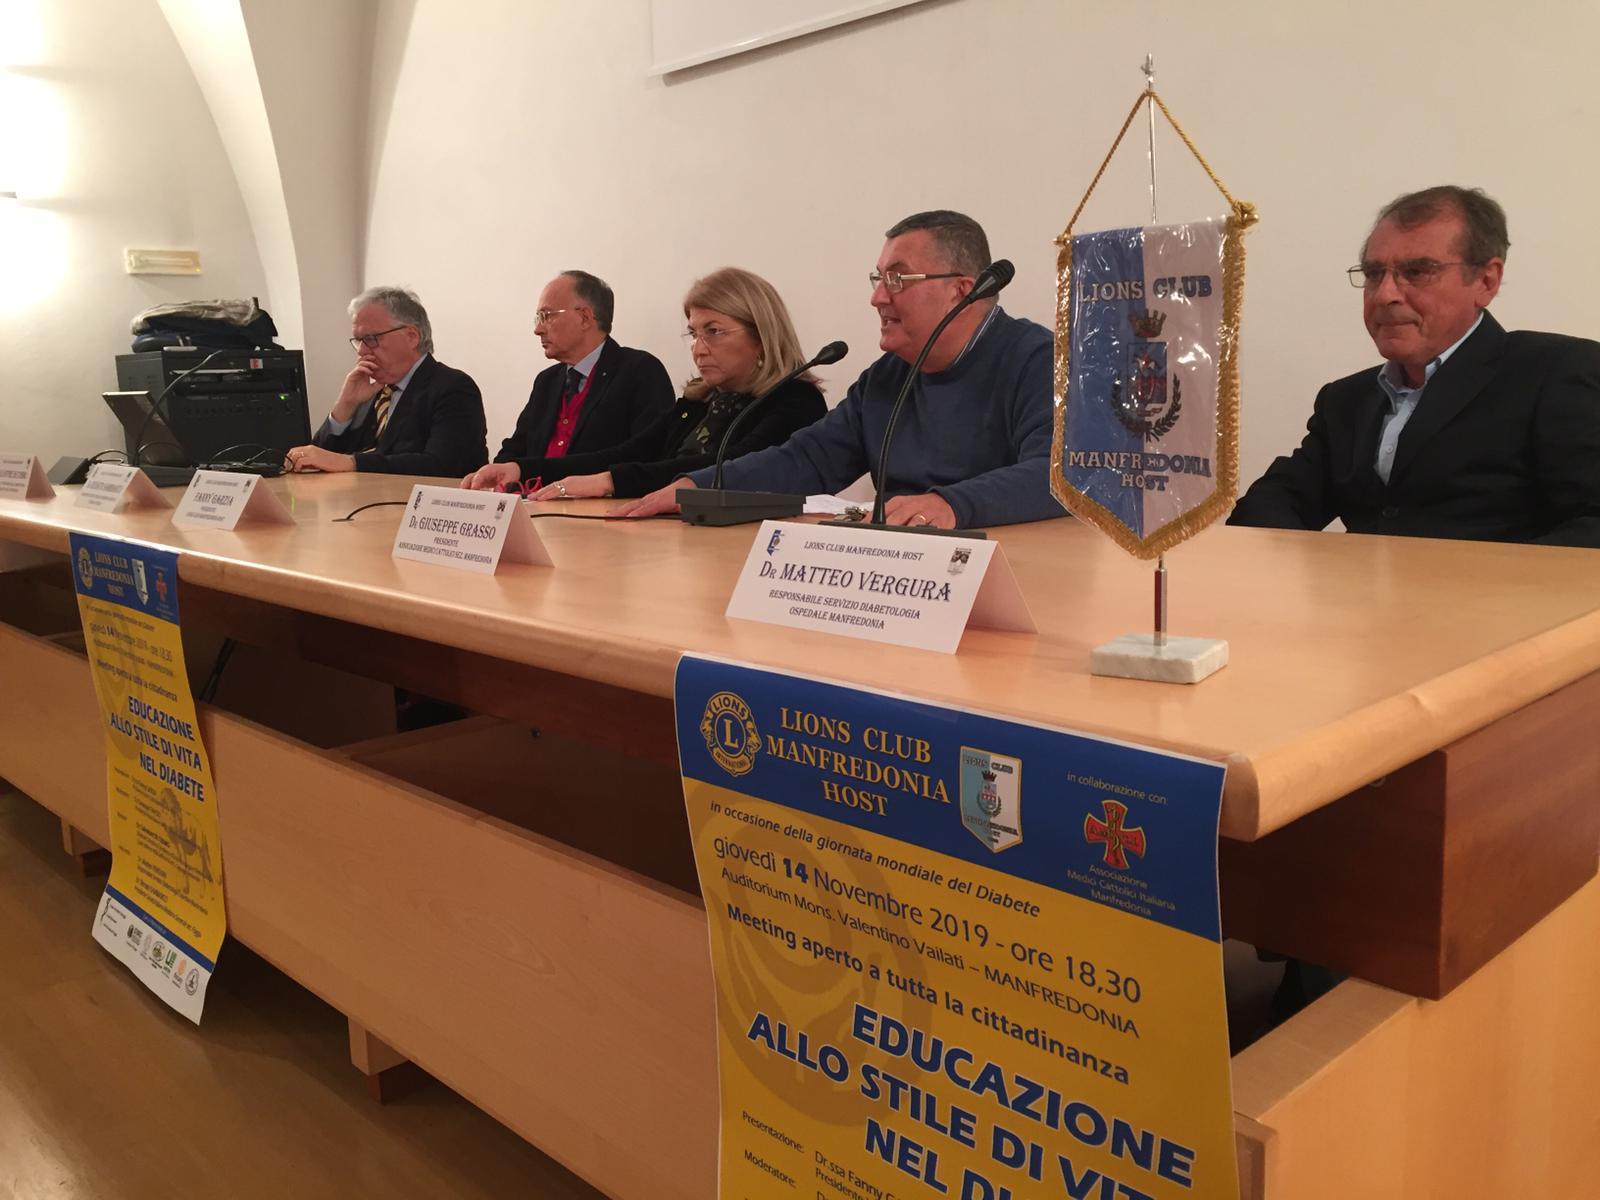 Giornata mondiale Diabete, incontro informativo Lions Club Manfredonia Host - StatoQuotidiano.it